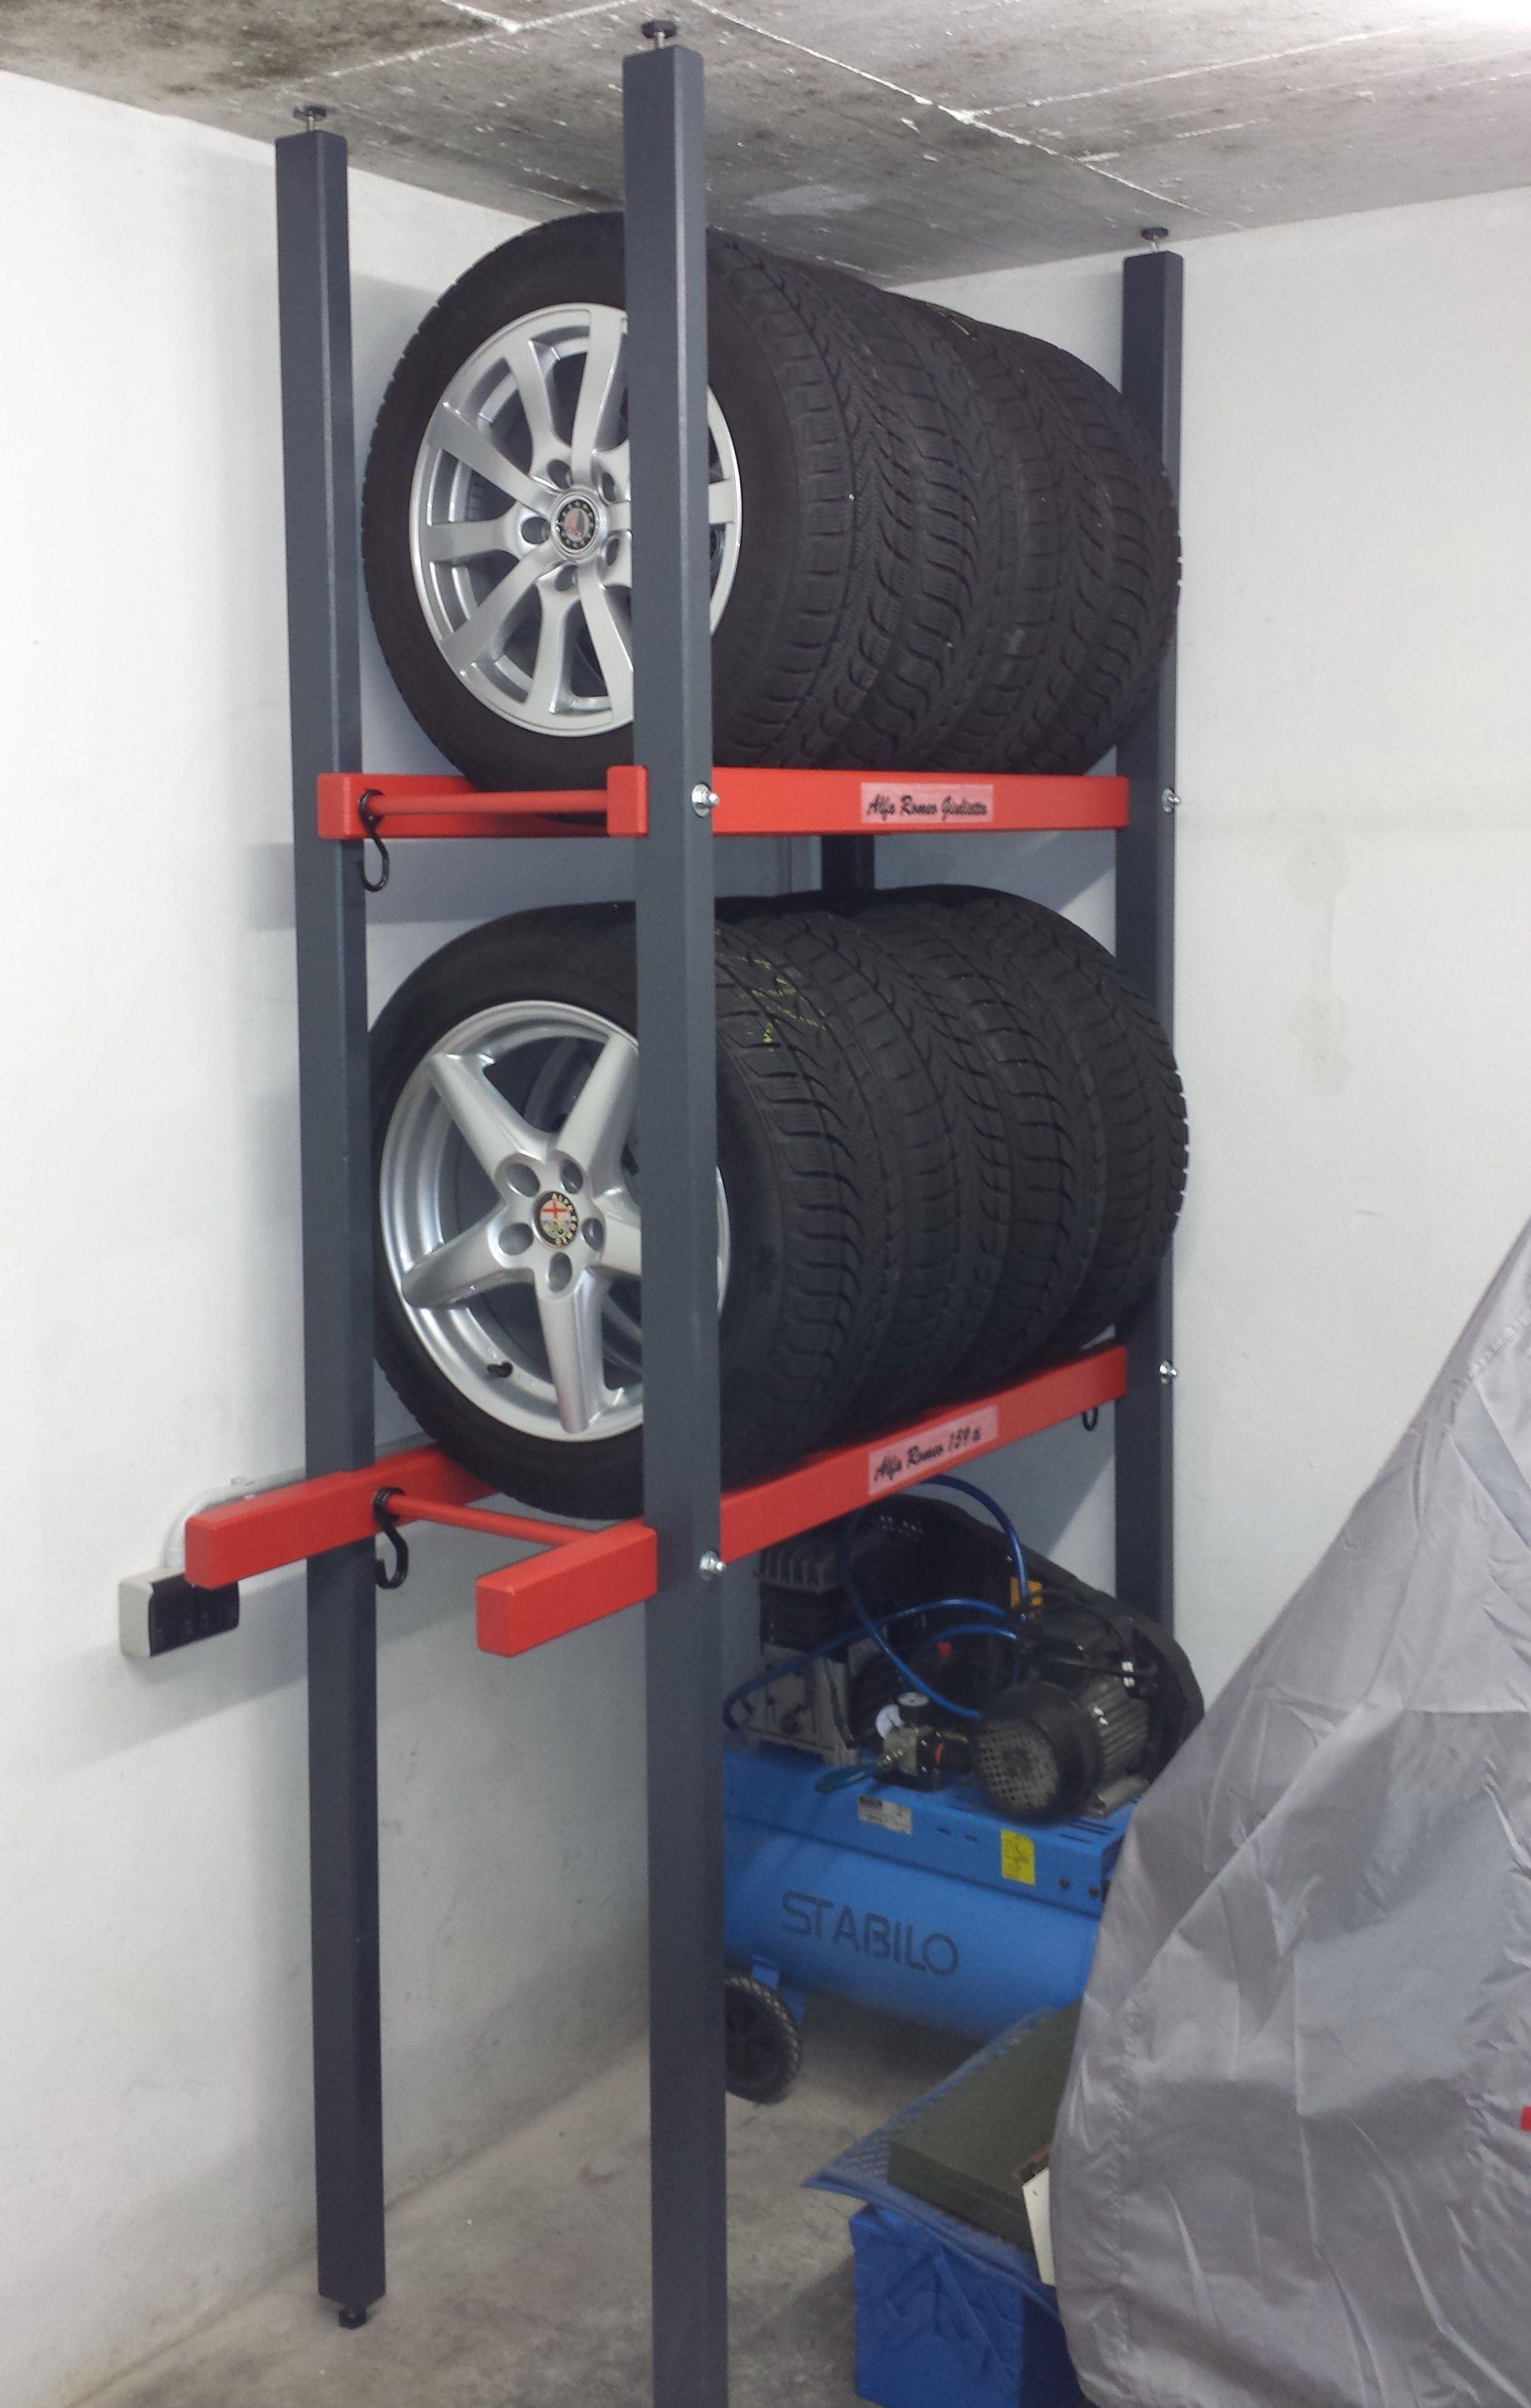 Reifenregal Platzsparende Lagerung Der Sommer Bzw